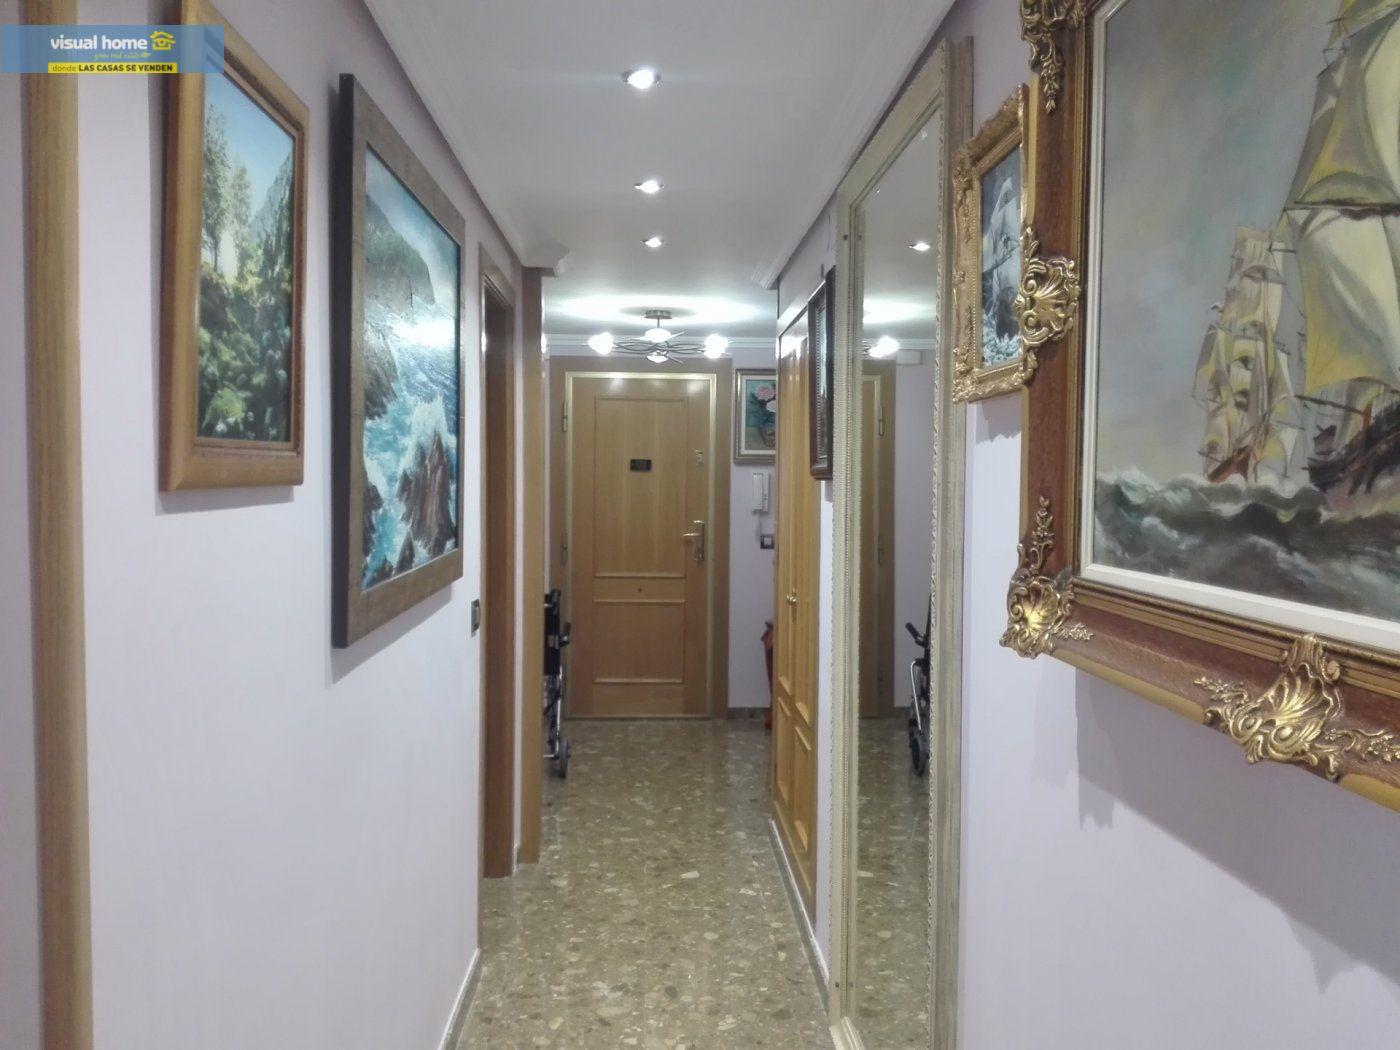 ESPECTACULAR PISO DE LUJO EN NUEVOS JUZGADOS TRES DORMITORIOS, PISCINA Y PARKING NUMERADO 6